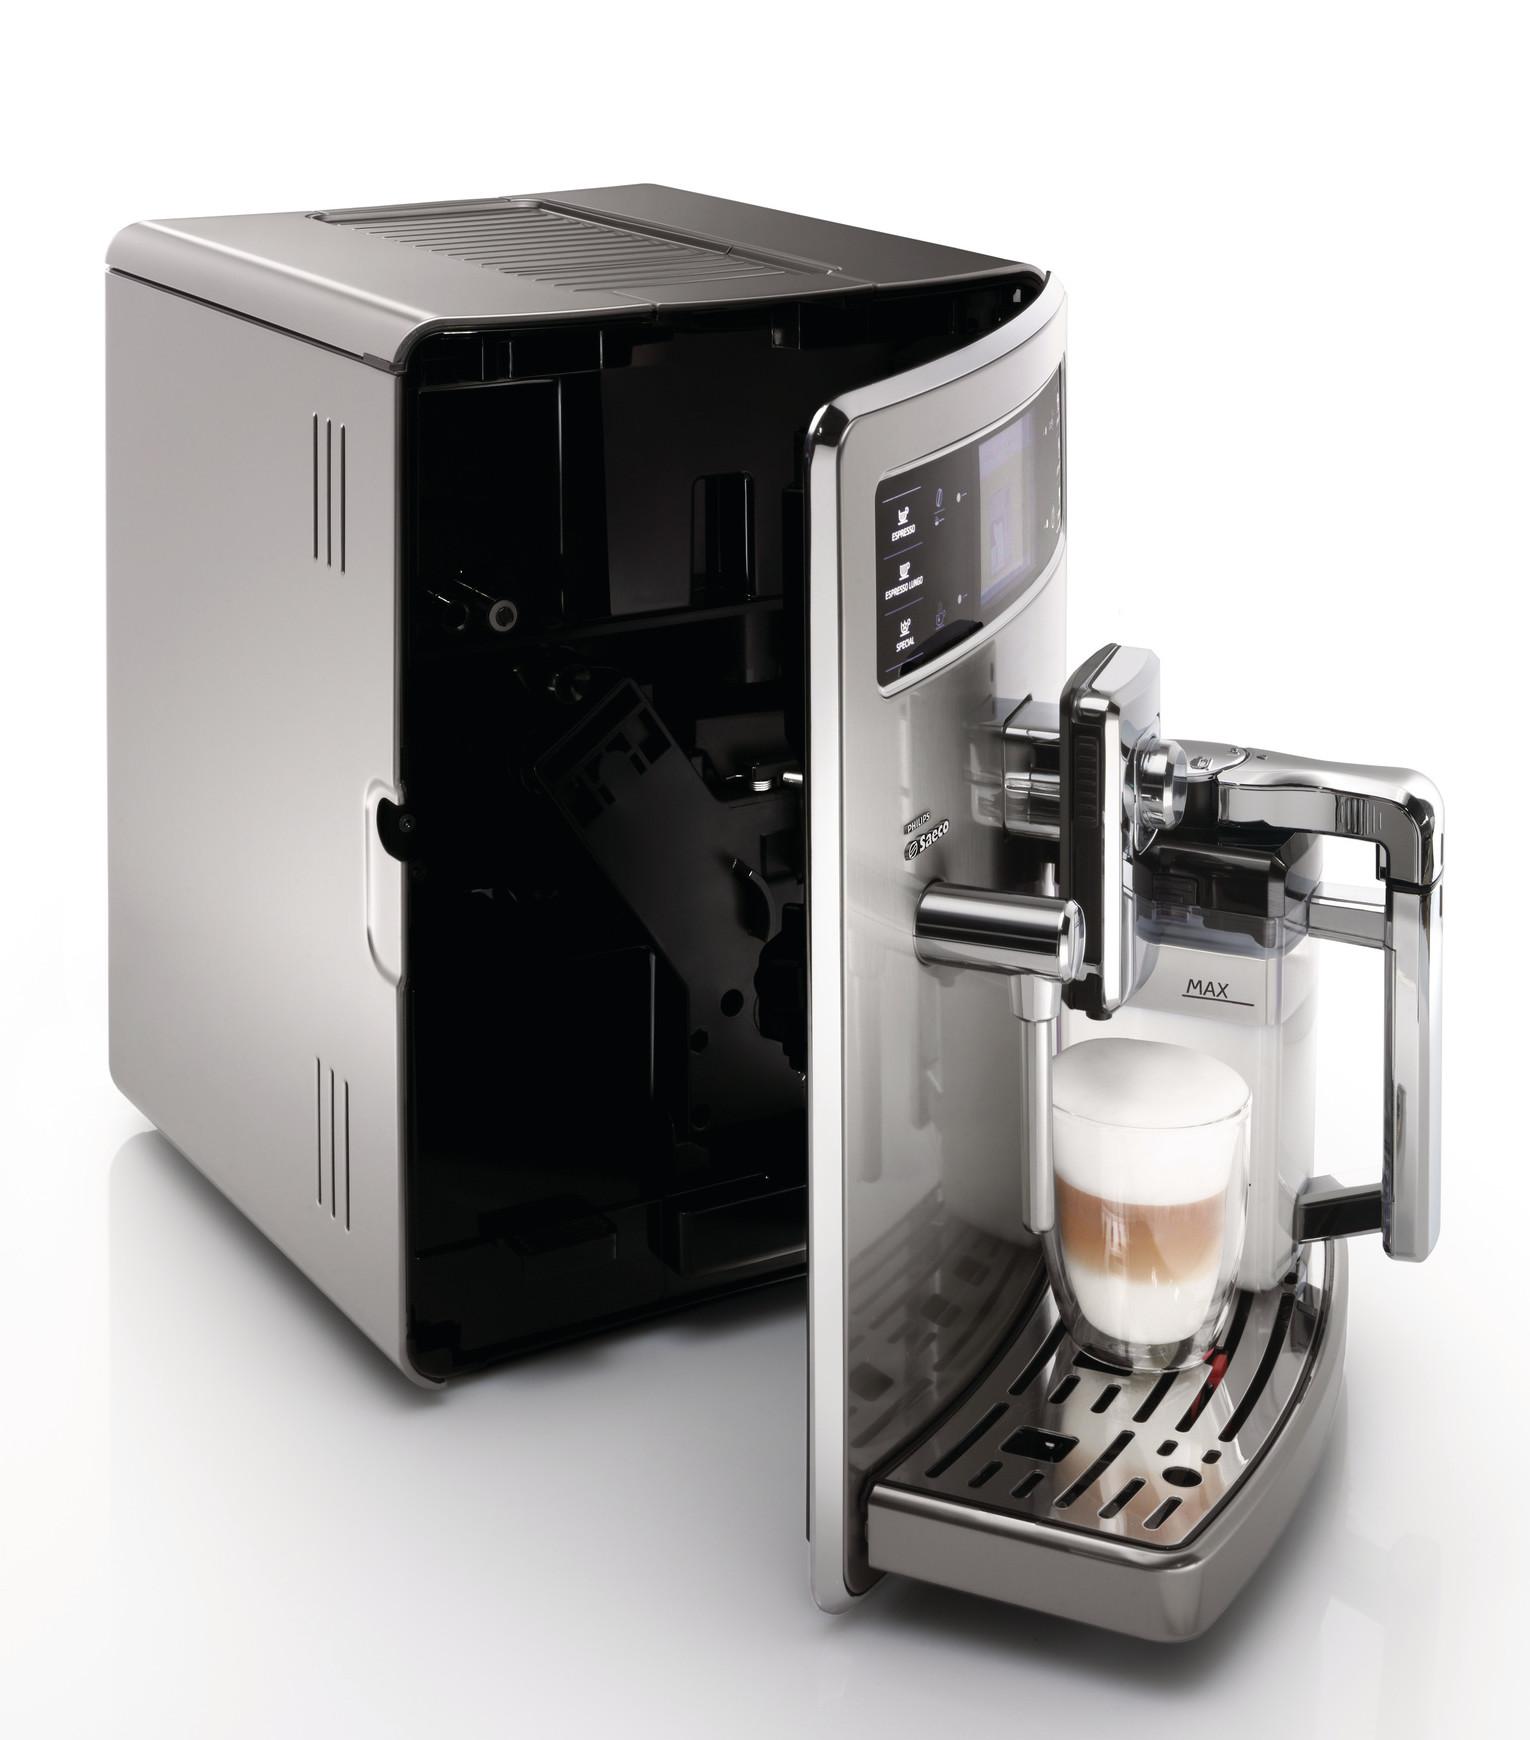 Philips Saeco Automatický espresovač Xelsis vyjmutelná jednotka